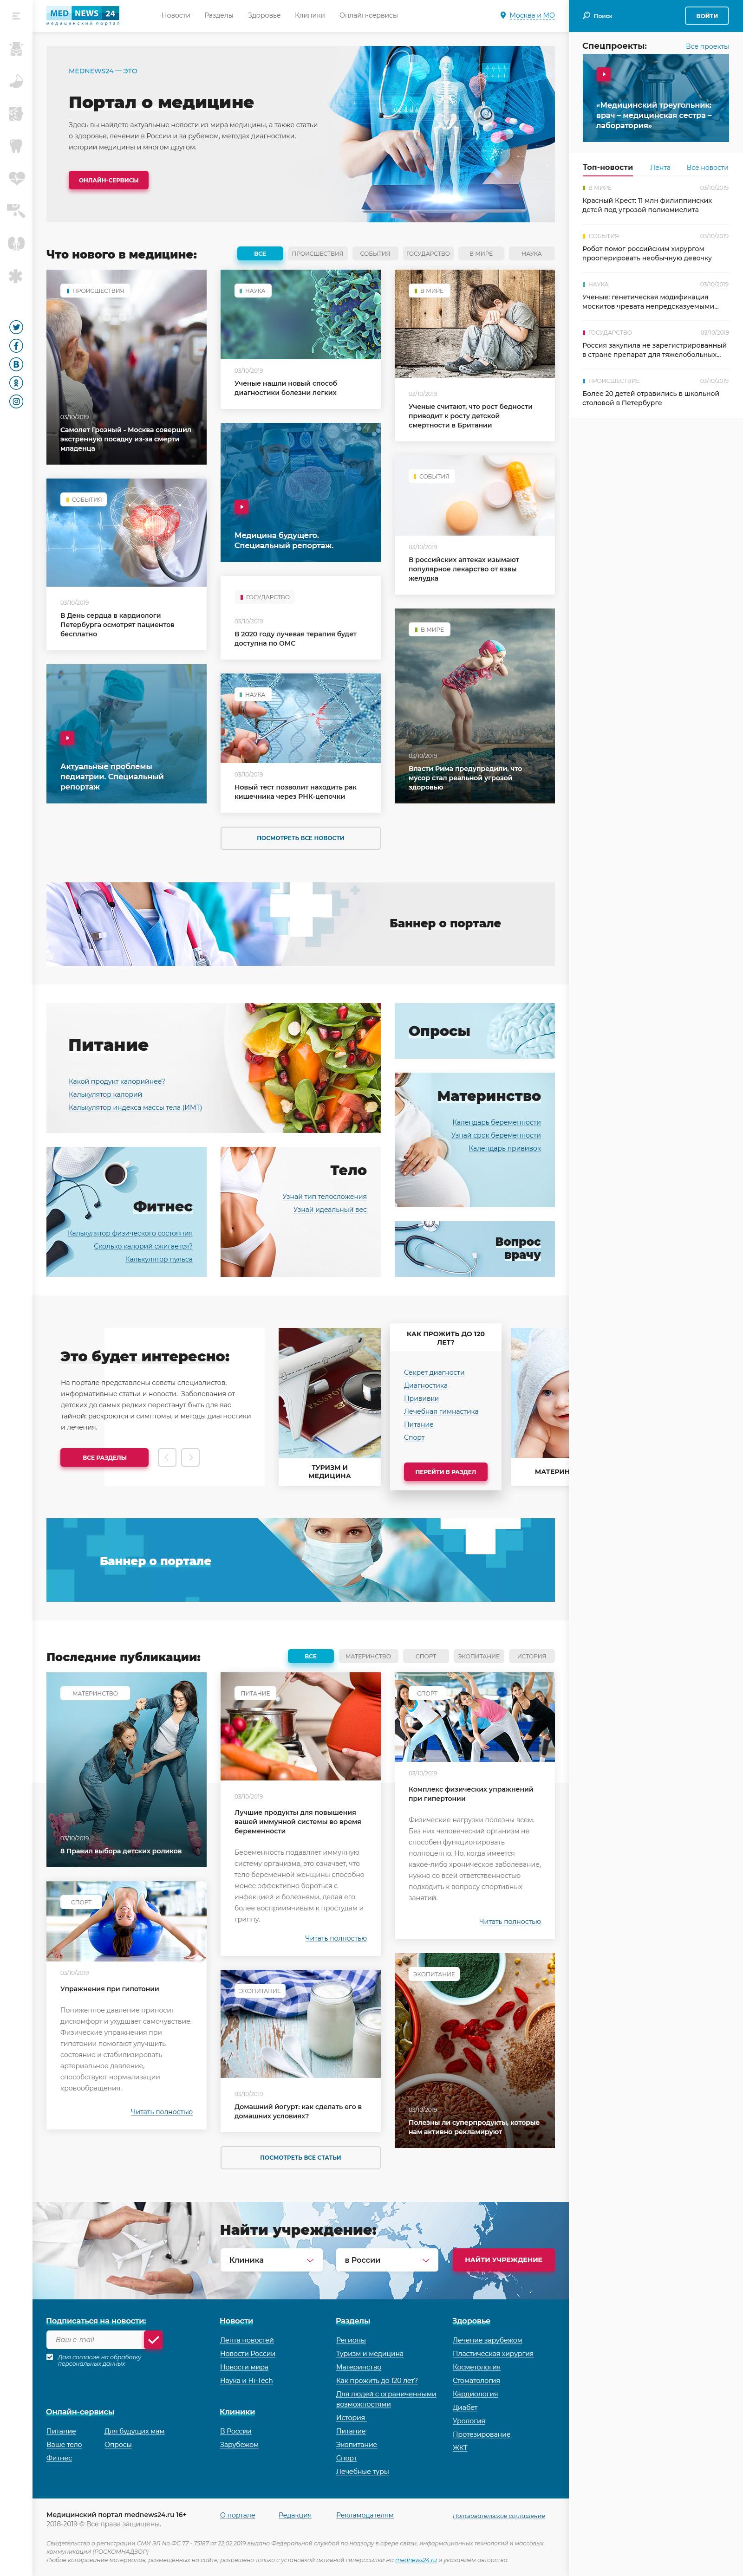 Редизайн главной страницы портала mednews24.ru фото f_0985d9c4c0f6a743.jpg